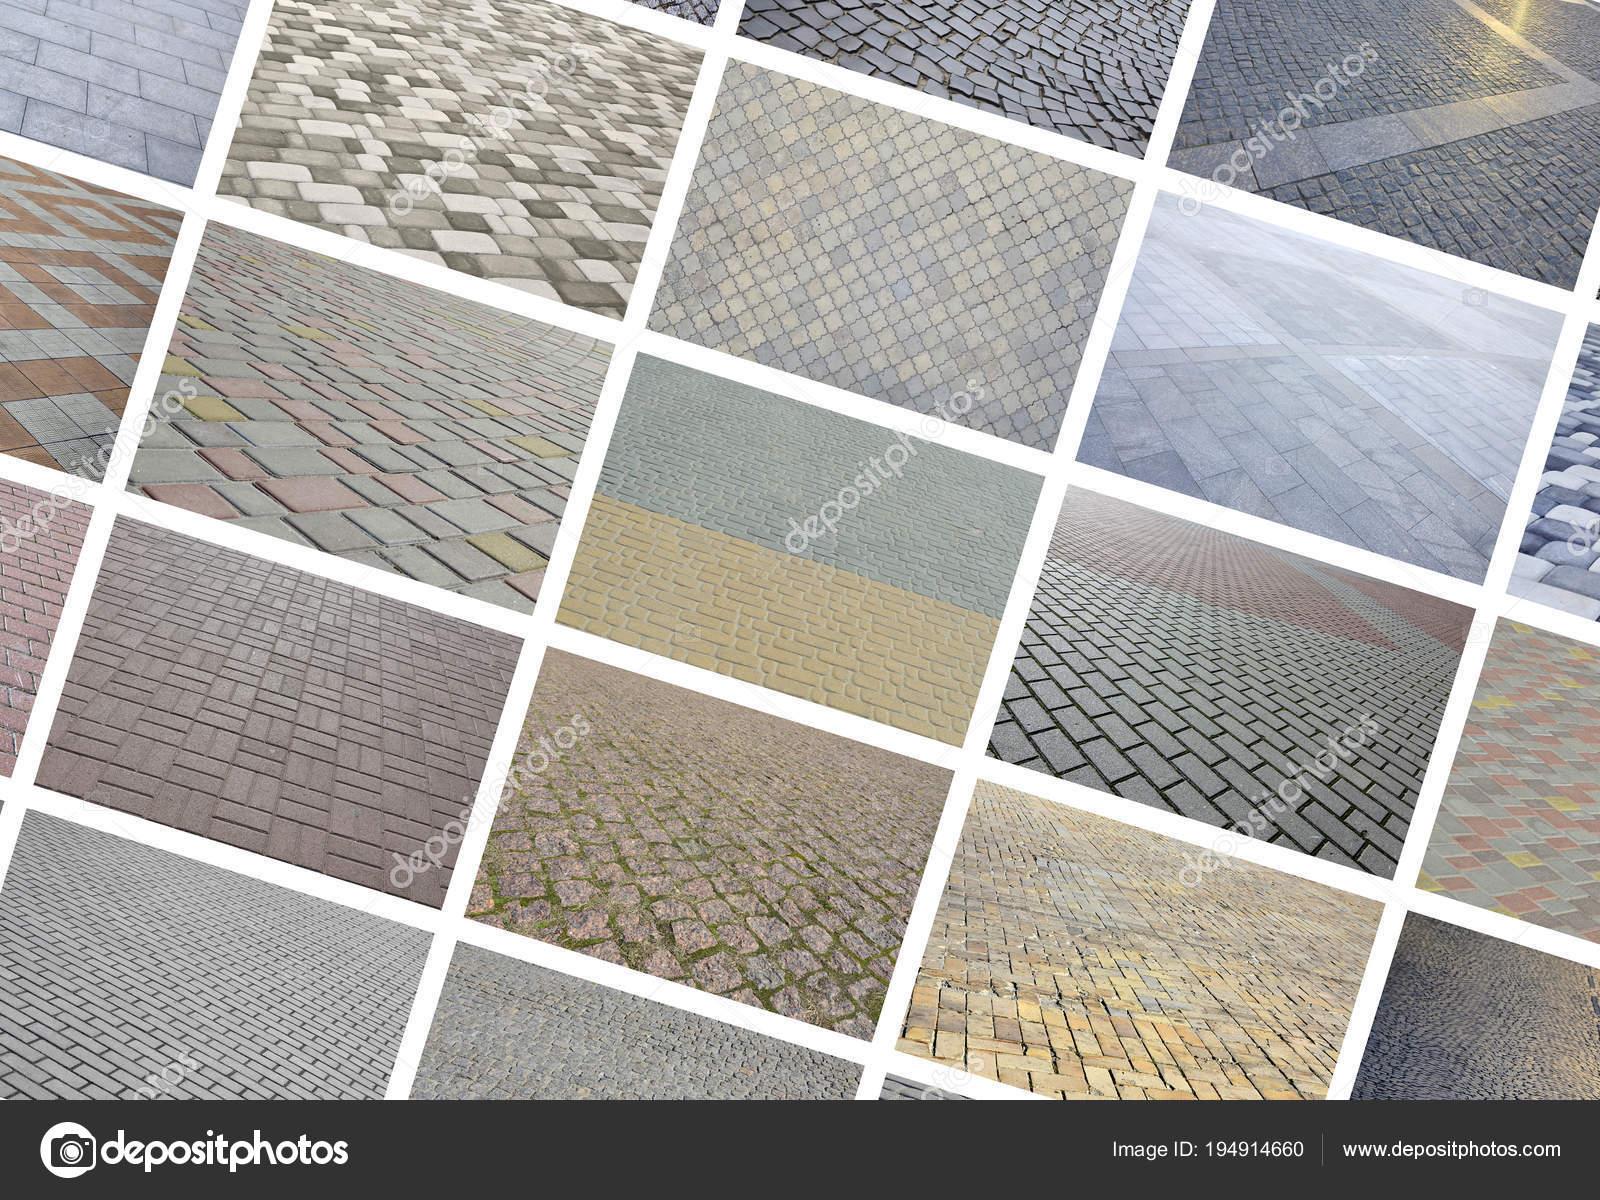 Collage molte immagini con frammenti pavimentazione piastrelle close